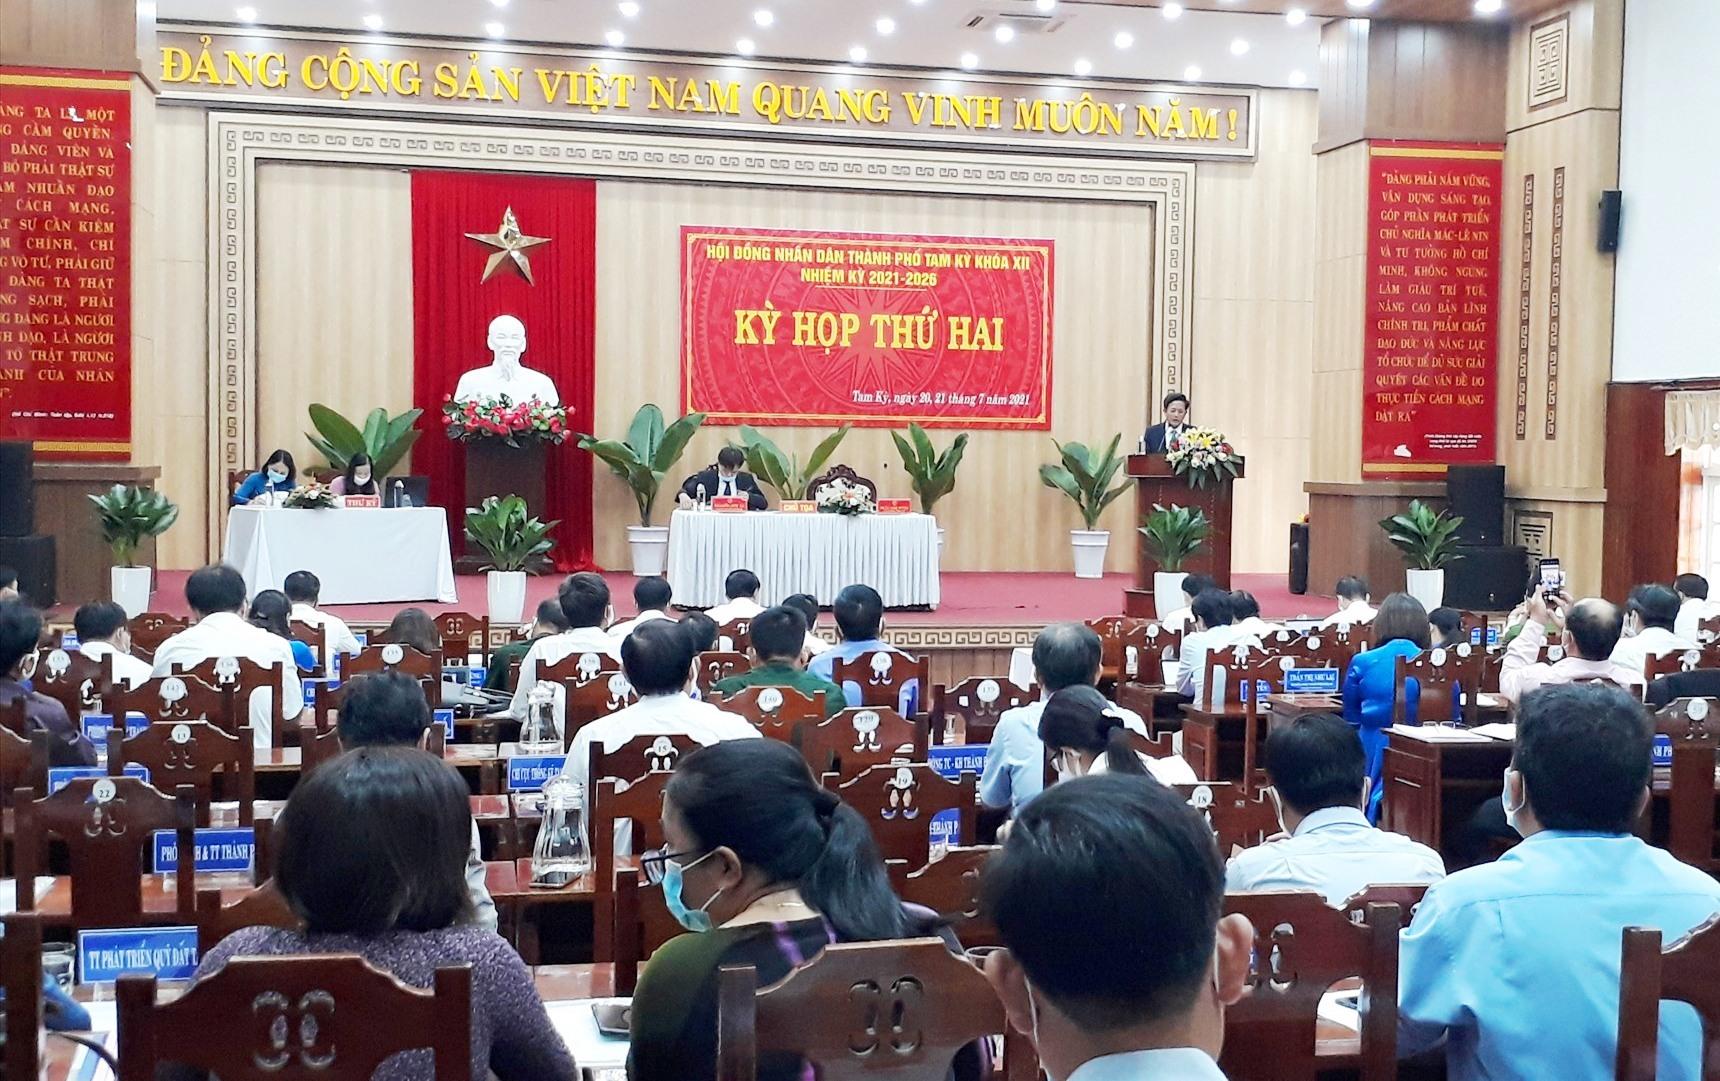 Kỳ họp thứ 3 HĐND TP.Tam Kỳ quyết định nhiều chủ trương quan trọng đến phát triển kinh tế xã hội 5 năm đến. Ảnh: X.P